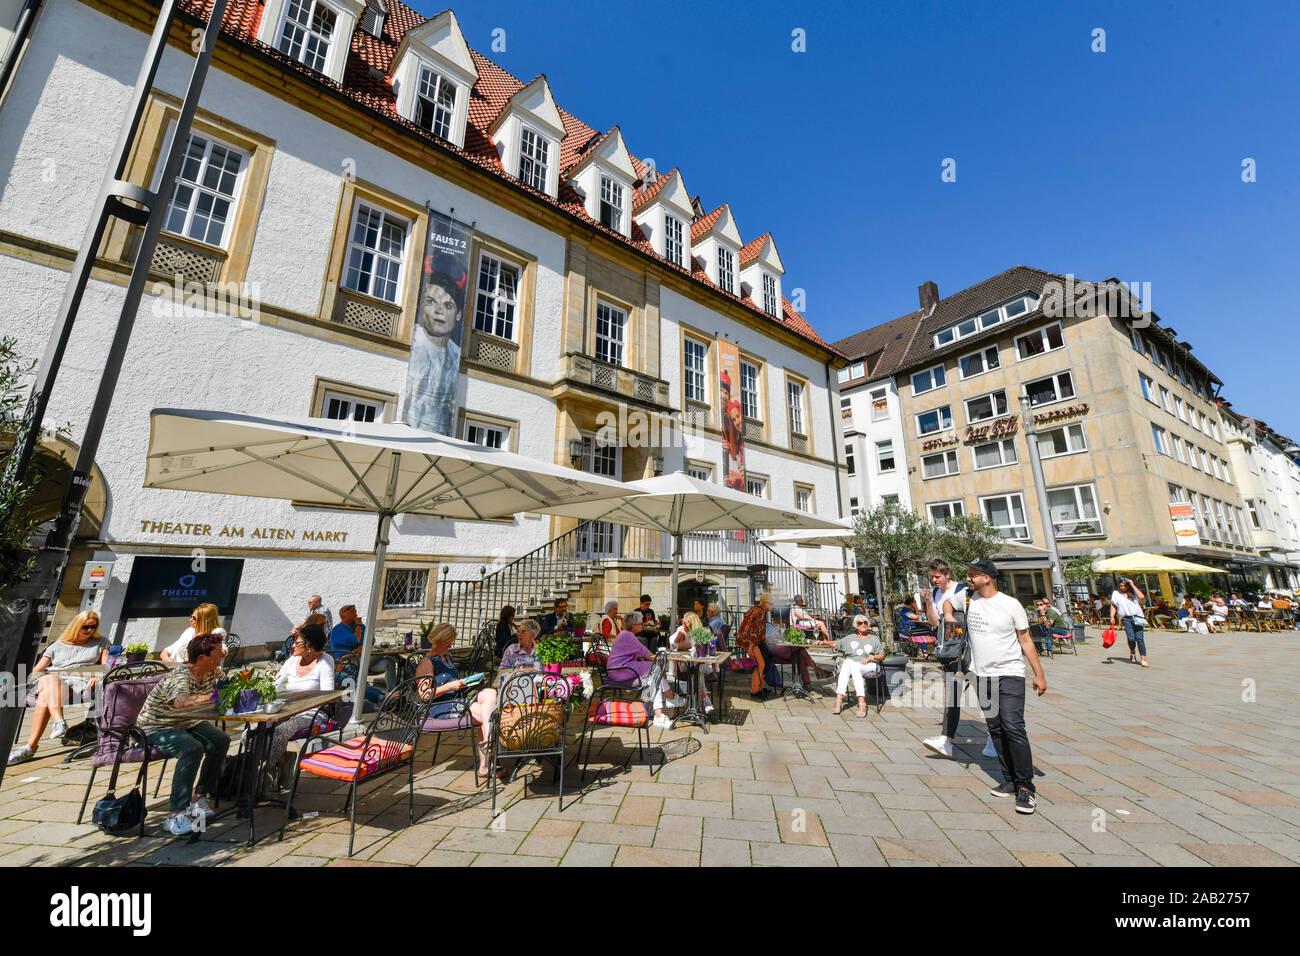 Theater am Alten Markt, Alter Markt, Bielefeld, Nordrhein-Westfalen, Deutschland Stock Photo